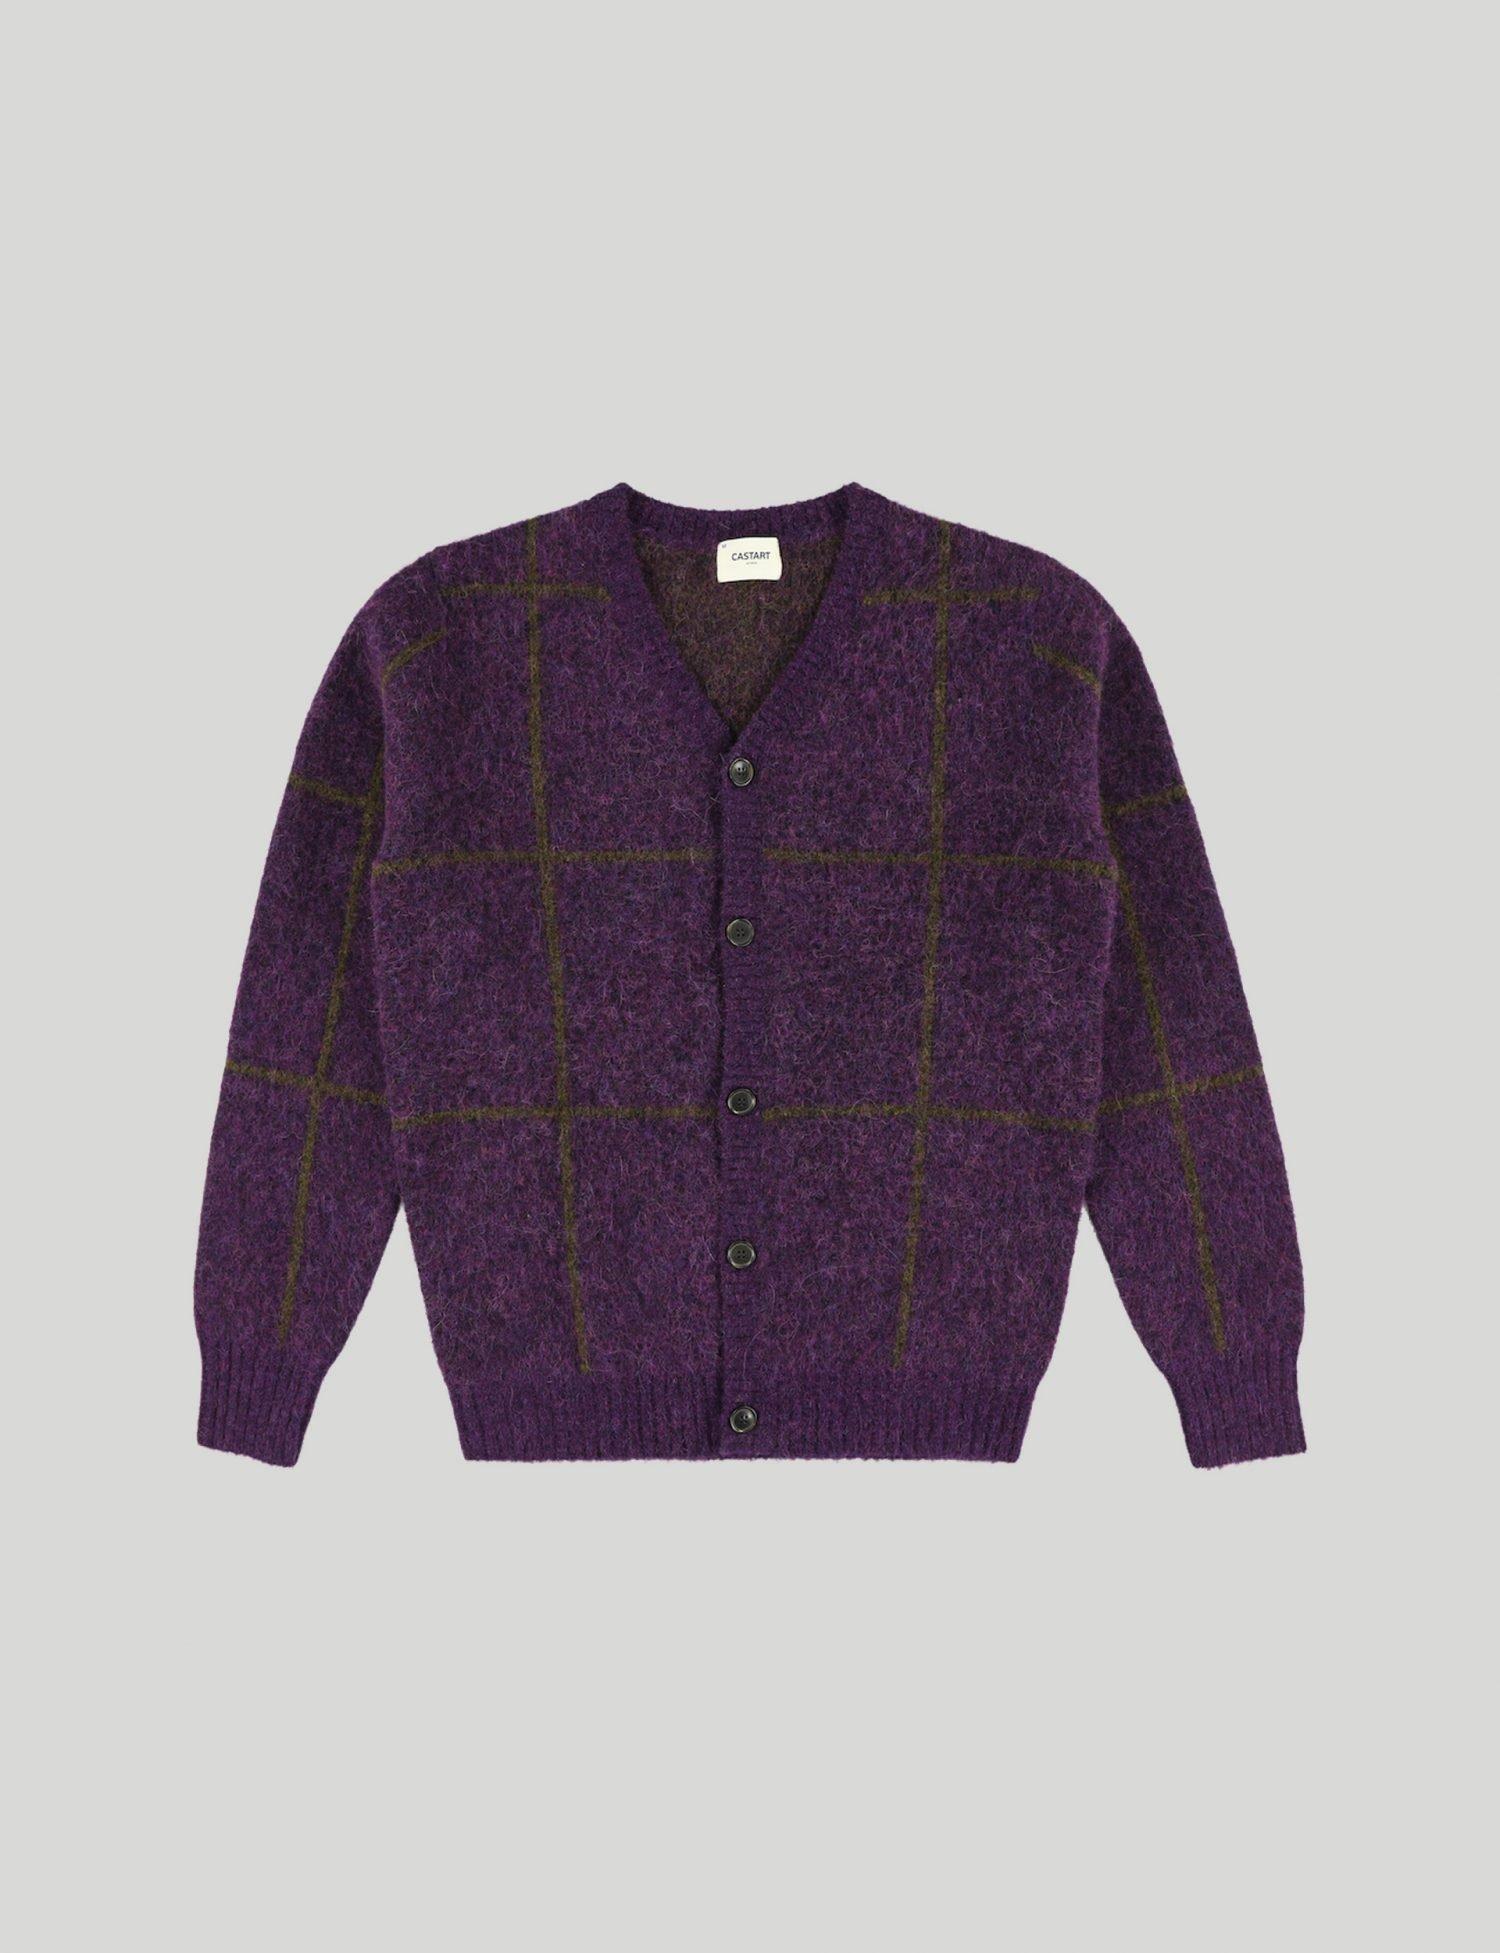 Castart - Beefsteak Knitwear - Purple